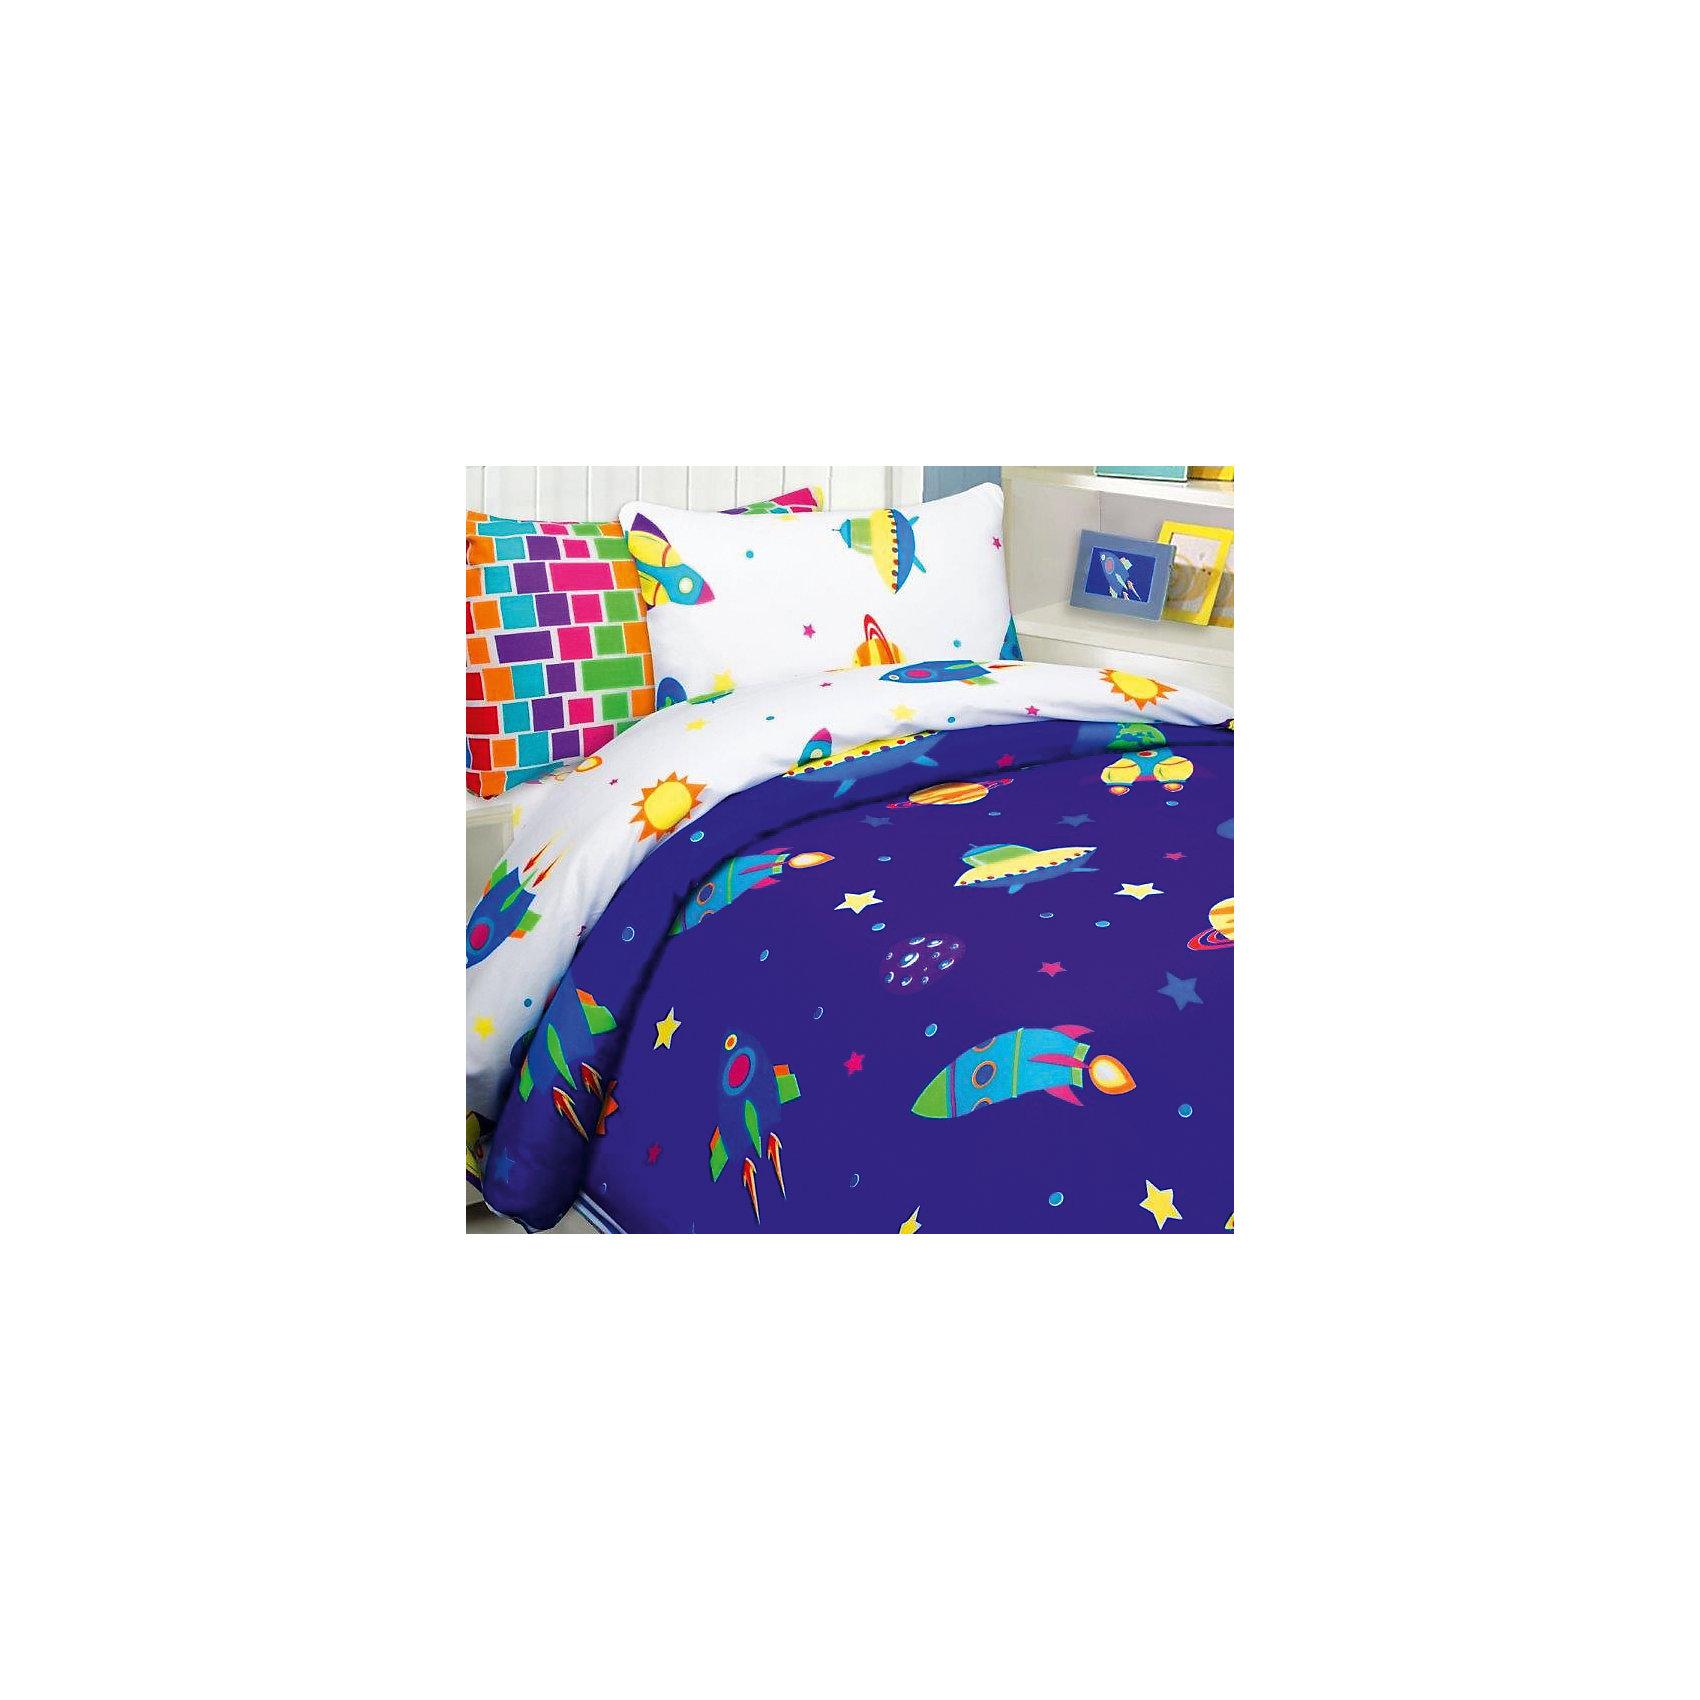 Постельное белье Космос, 1,5-спальный, 70*70 и 50*70 бязь, Mona LizaДомашний текстиль<br>Характеристики:<br><br>• Вид домашнего текстиля: детское постельное белье<br>• Тип постельного белья по размерам: 1,5 сп<br>• Пол: для мальчика<br>• Серия: Mona Liza Kids<br>• Сезон: круглый год<br>• Материал: бязь <br>• Цвет: оттенки синего, оранжевый, желтый, белый<br>• Комплектация: <br> пододеяльник – 1 шт. 145*210 см <br> простынь – 1 шт. 150*215 см<br> наволочки – 2 шт. (50-70 см и 70*70 см)<br>• Тип упаковки: книжка картонная<br>• Вес в упаковке: 2 кг 300 г<br>• Особенности ухода: машинная стирка при температуре 30 градусов<br><br>Постельное белье 1,5сп Космос 70*70 и 50*70 бязь, Mona Liza изготовлено под отечественным торговым брендом, выпускающим постельное белье из натуральных тканей. Комплект выполнен из 100 % бязи, отличающейся высокими характеристиками не только прочности самого полотна, но и устойчивости окраски, которая выполняется по особой технологии. Комплектсостоит из 4-х предметов: простыни, пододеяльника и двух наволочек разных размеров. Постельное белье выполнено в ярком дизайне с изображениями животных. <br>Постельное белье 1,5сп Космос 70*70 и 50*70 бязь, Mona Liza – домашний текстиль, соответствующий международным стандартам качества и безопасности!<br><br>Постельное белье 1,5сп Космос 70*70 и 50*70 бязь, Mona Liza можно купить в нашем интернет-магазине.<br><br>Ширина мм: 250<br>Глубина мм: 60<br>Высота мм: 330<br>Вес г: 1300<br>Возраст от месяцев: 84<br>Возраст до месяцев: 216<br>Пол: Мужской<br>Возраст: Детский<br>SKU: 5165647